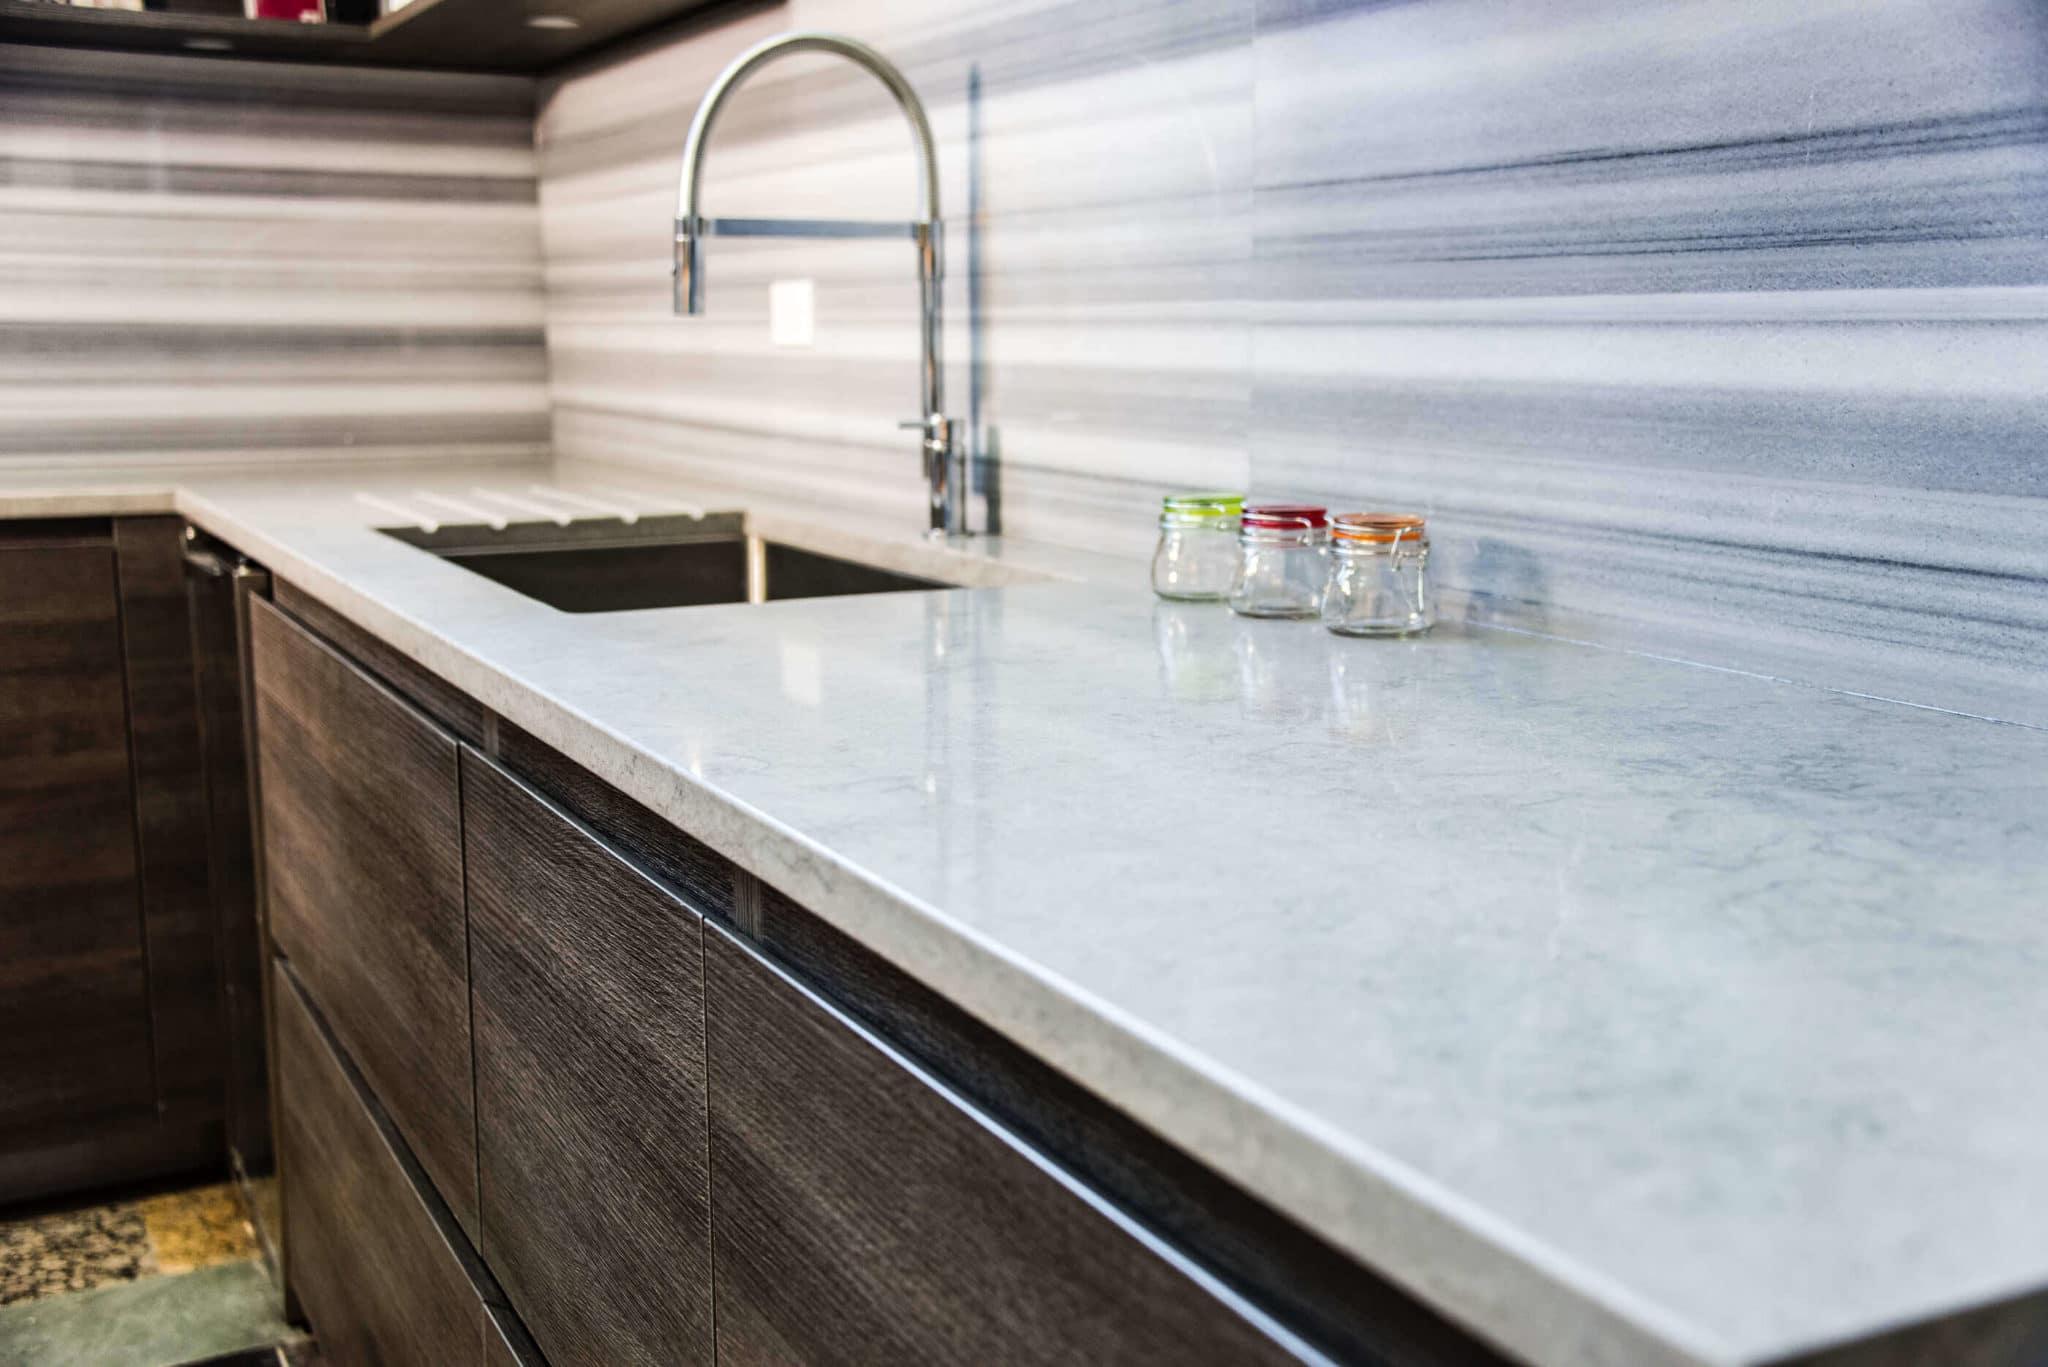 Encimera de Cocina - como limpiar la encimera de cocina